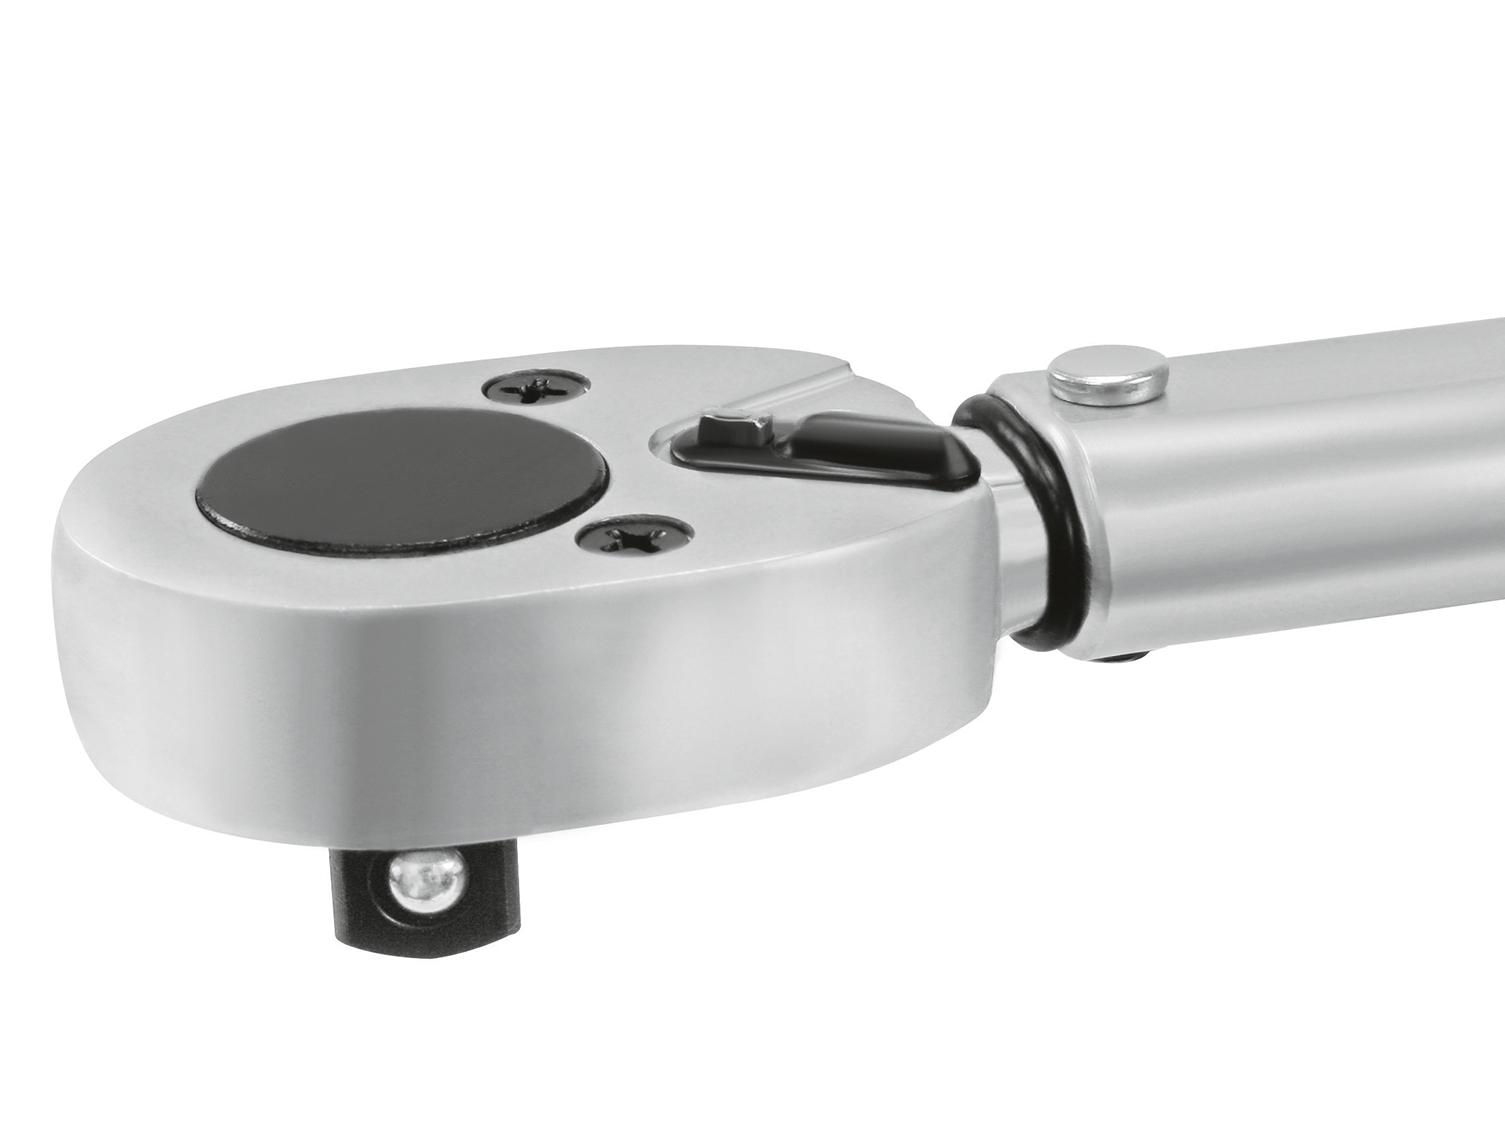 Mit Vierkantantrieb nach DIN 3120 - ISO 1174 mit Kugelarretierung und integrierter Hebelumschaltknarre.